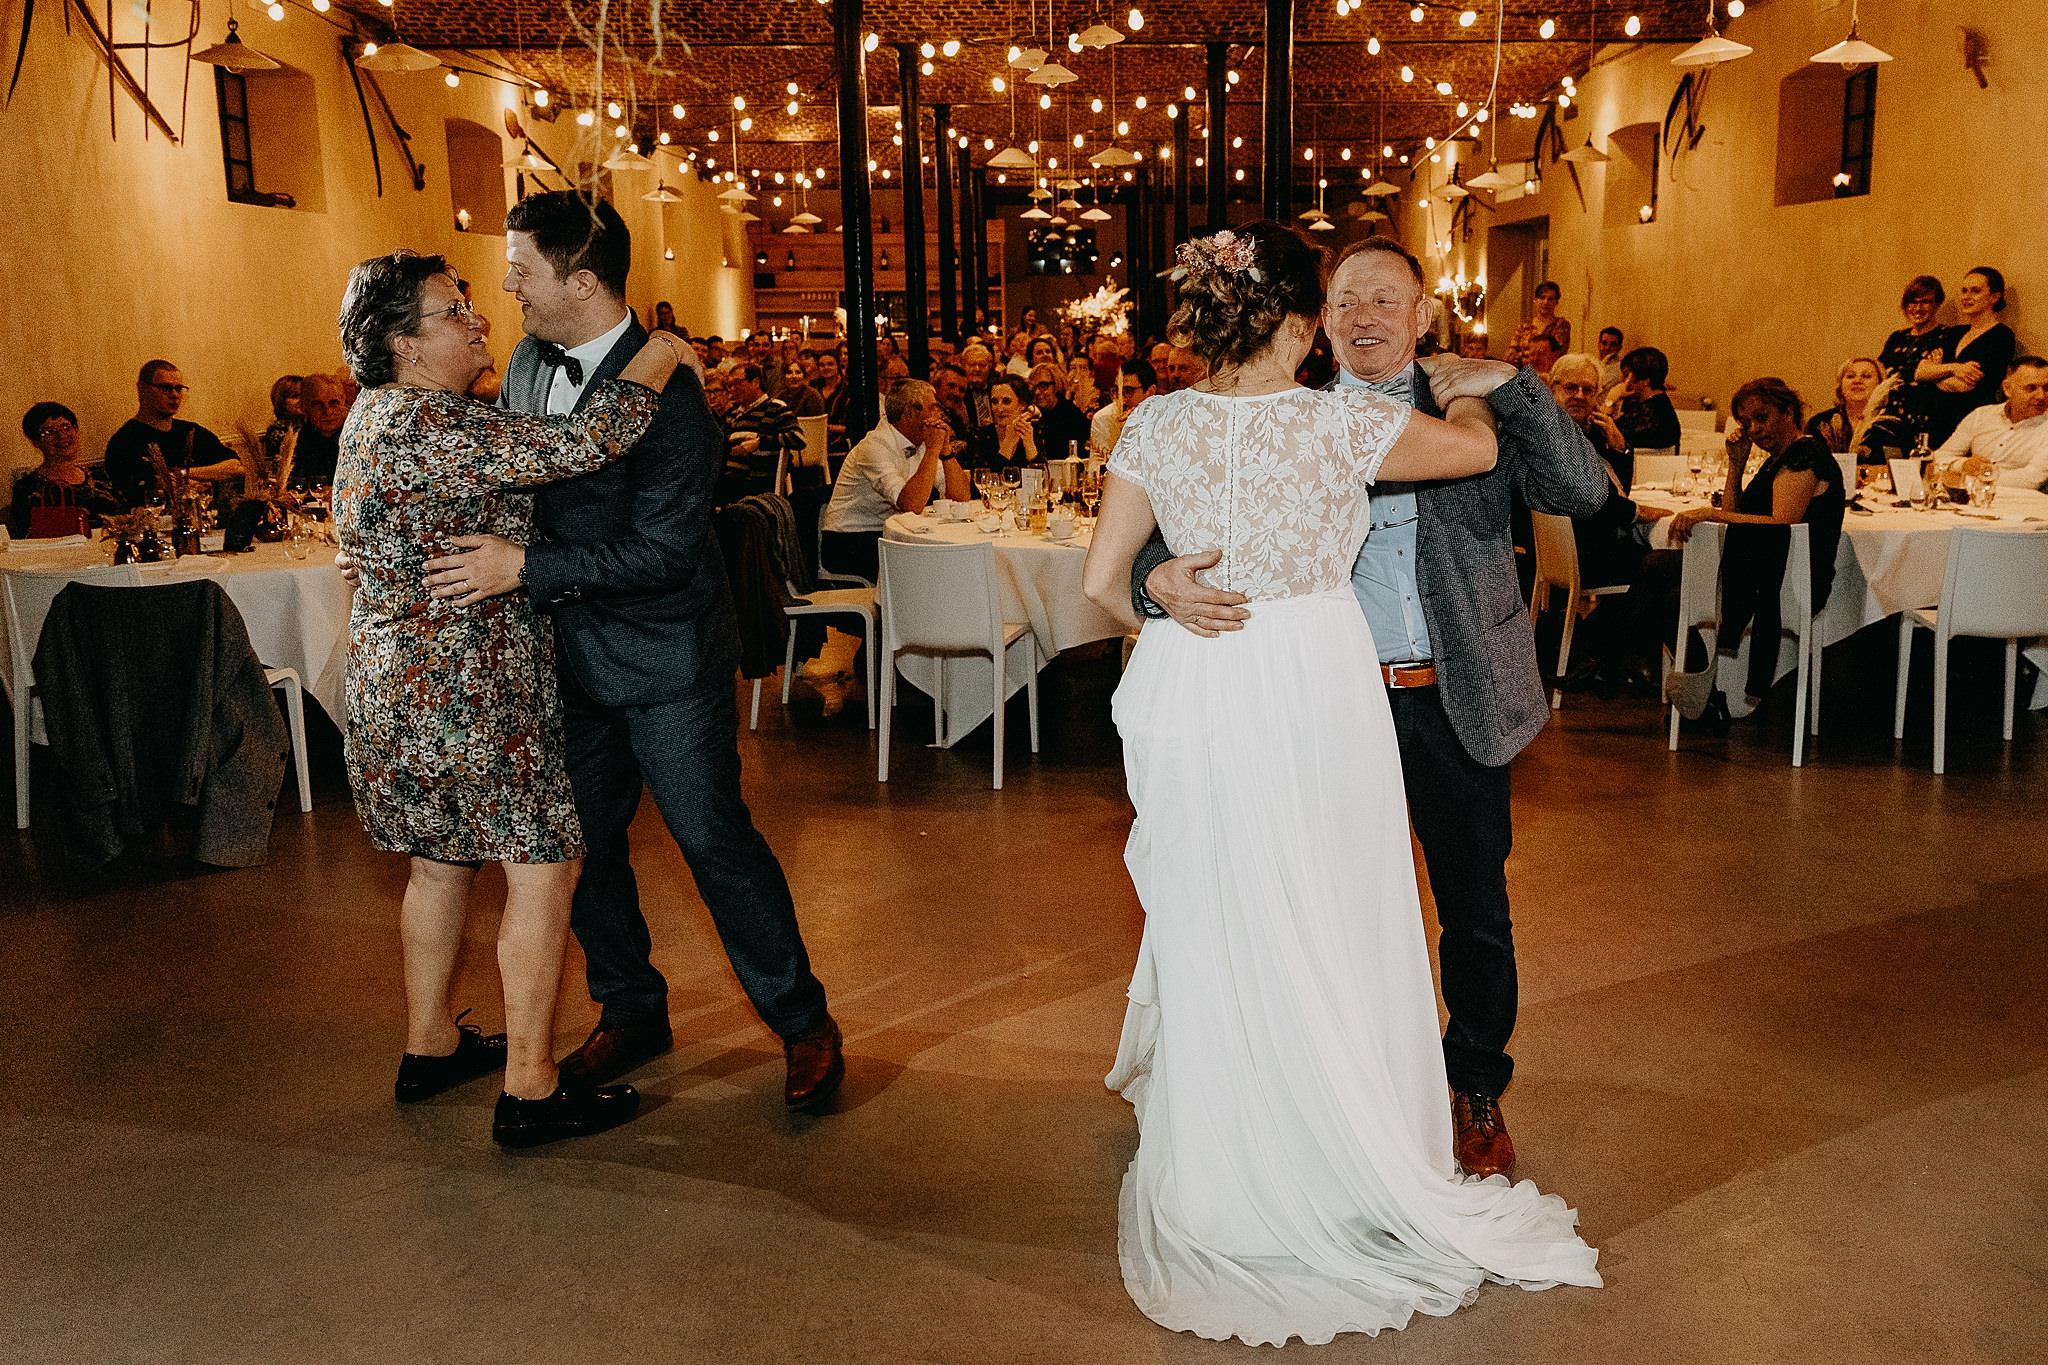 Aulnenhof dansfeest trouw